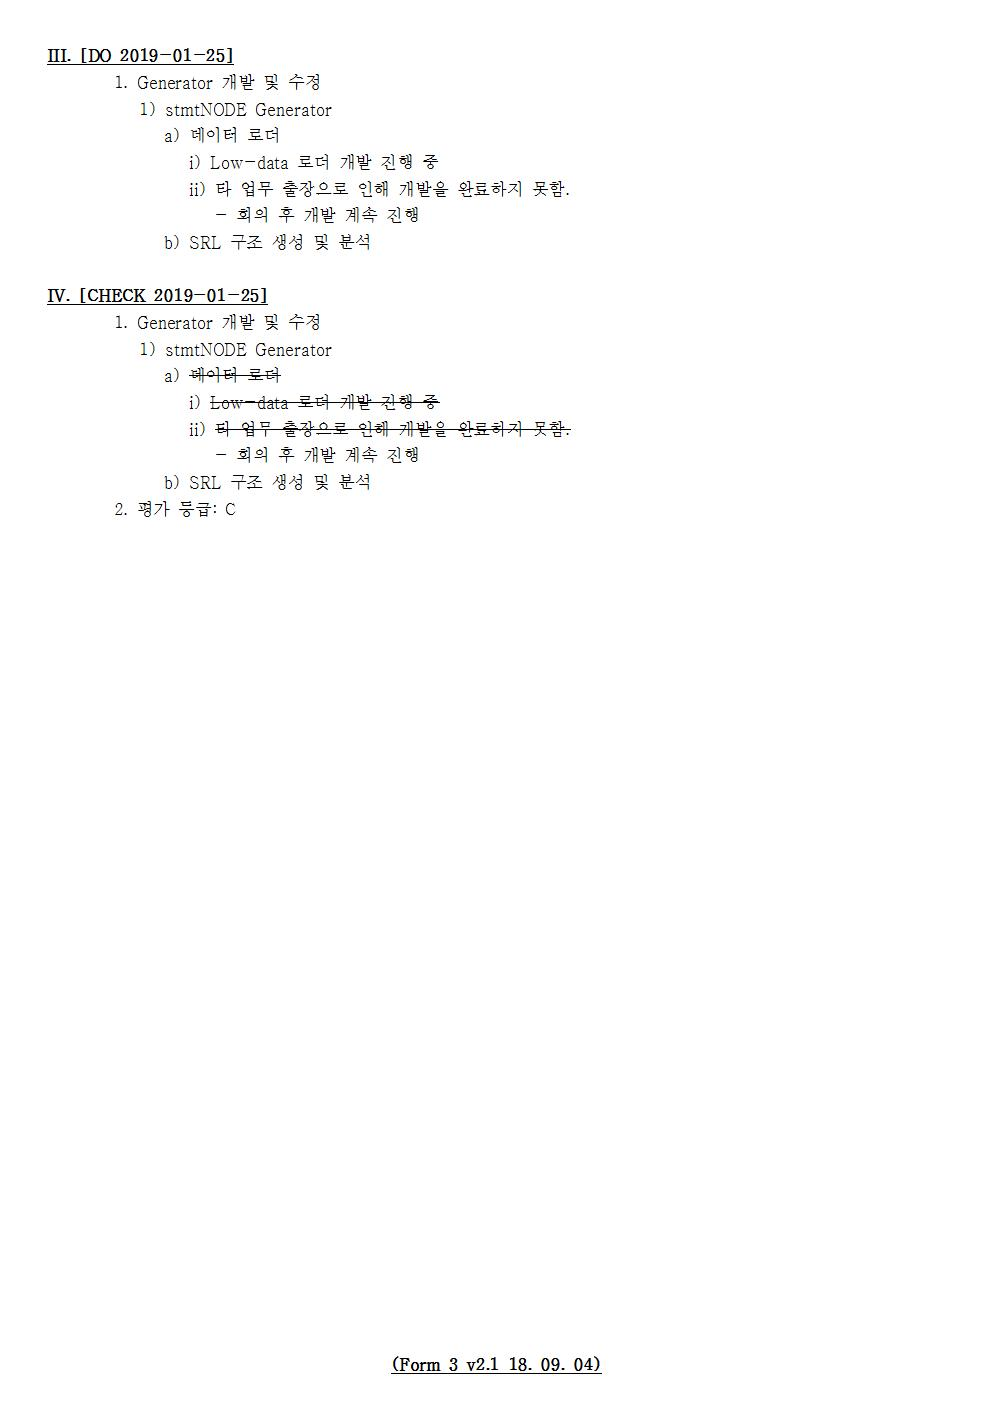 D-[19-003-RD-03]-[Tool-SRRE-1.X]-[2019-01-25][JS]002.jpg